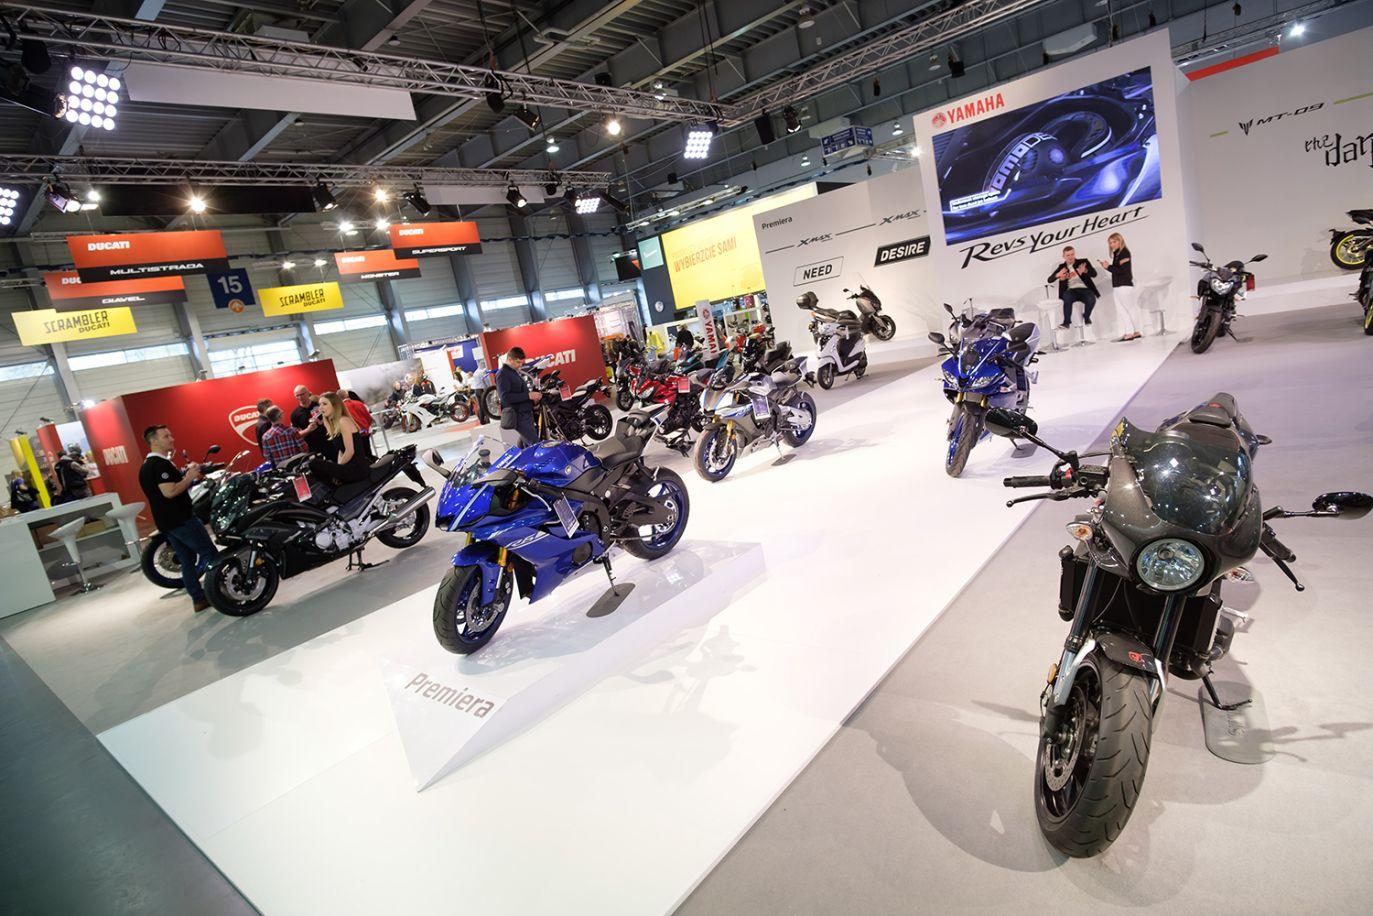 Stoisko firmy Yamaha (fot. arch.PAP/Jakub Kaczmarczyk)